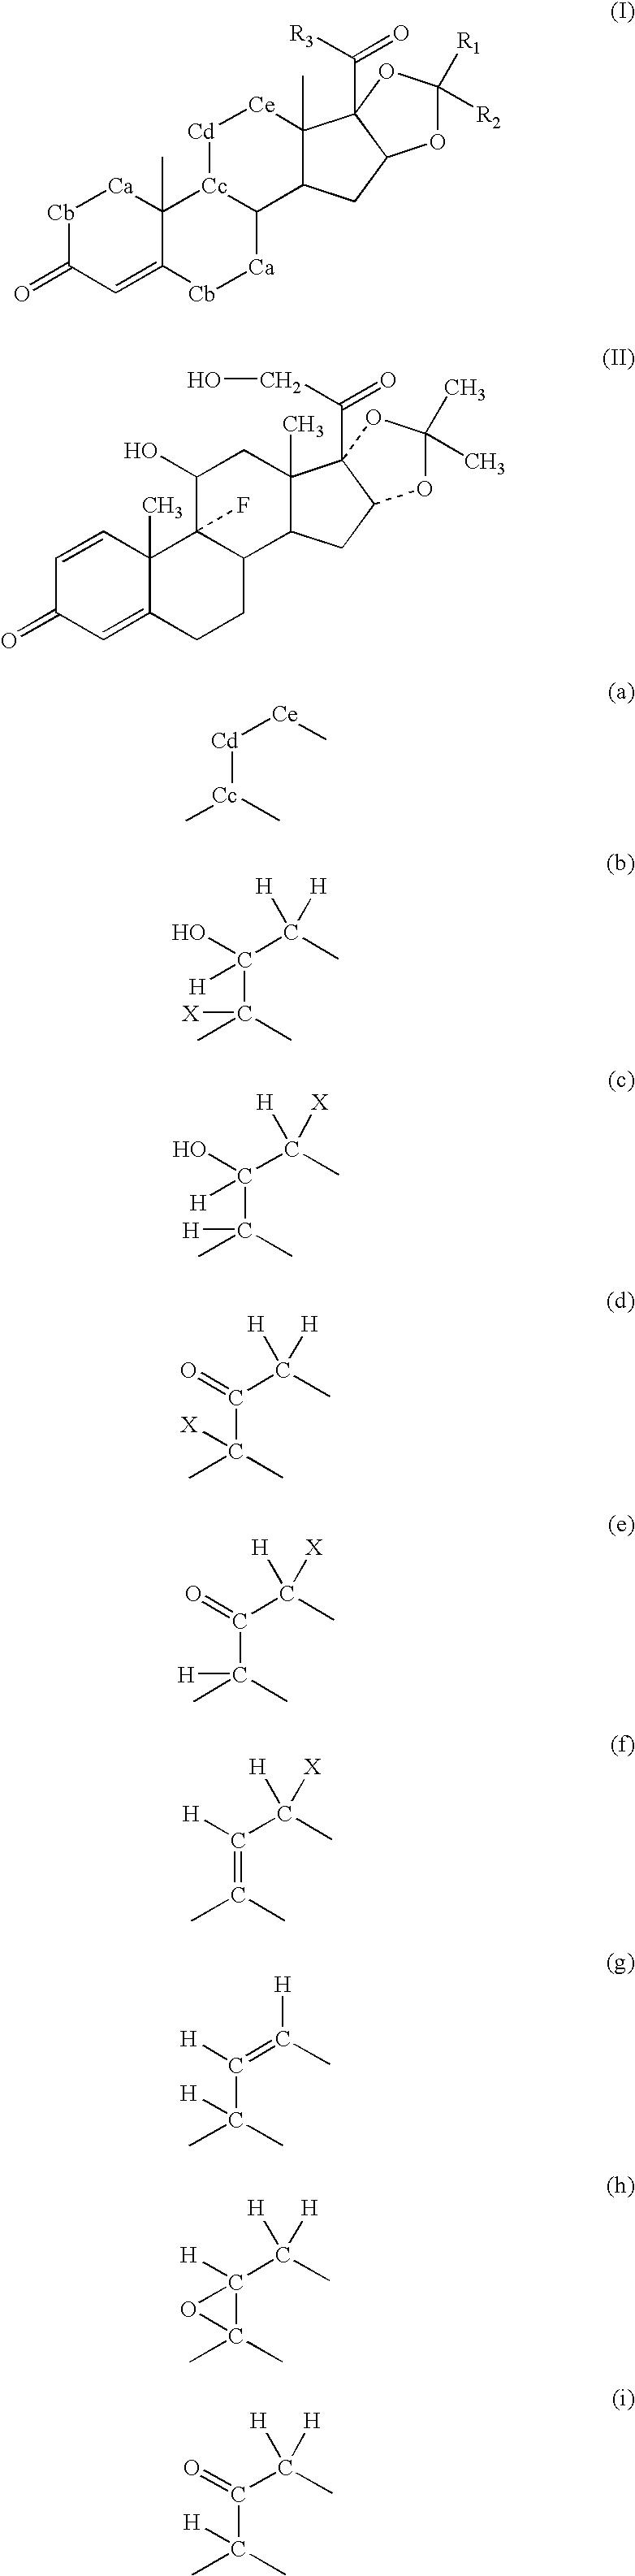 Figure US20050124594A1-20050609-C00001